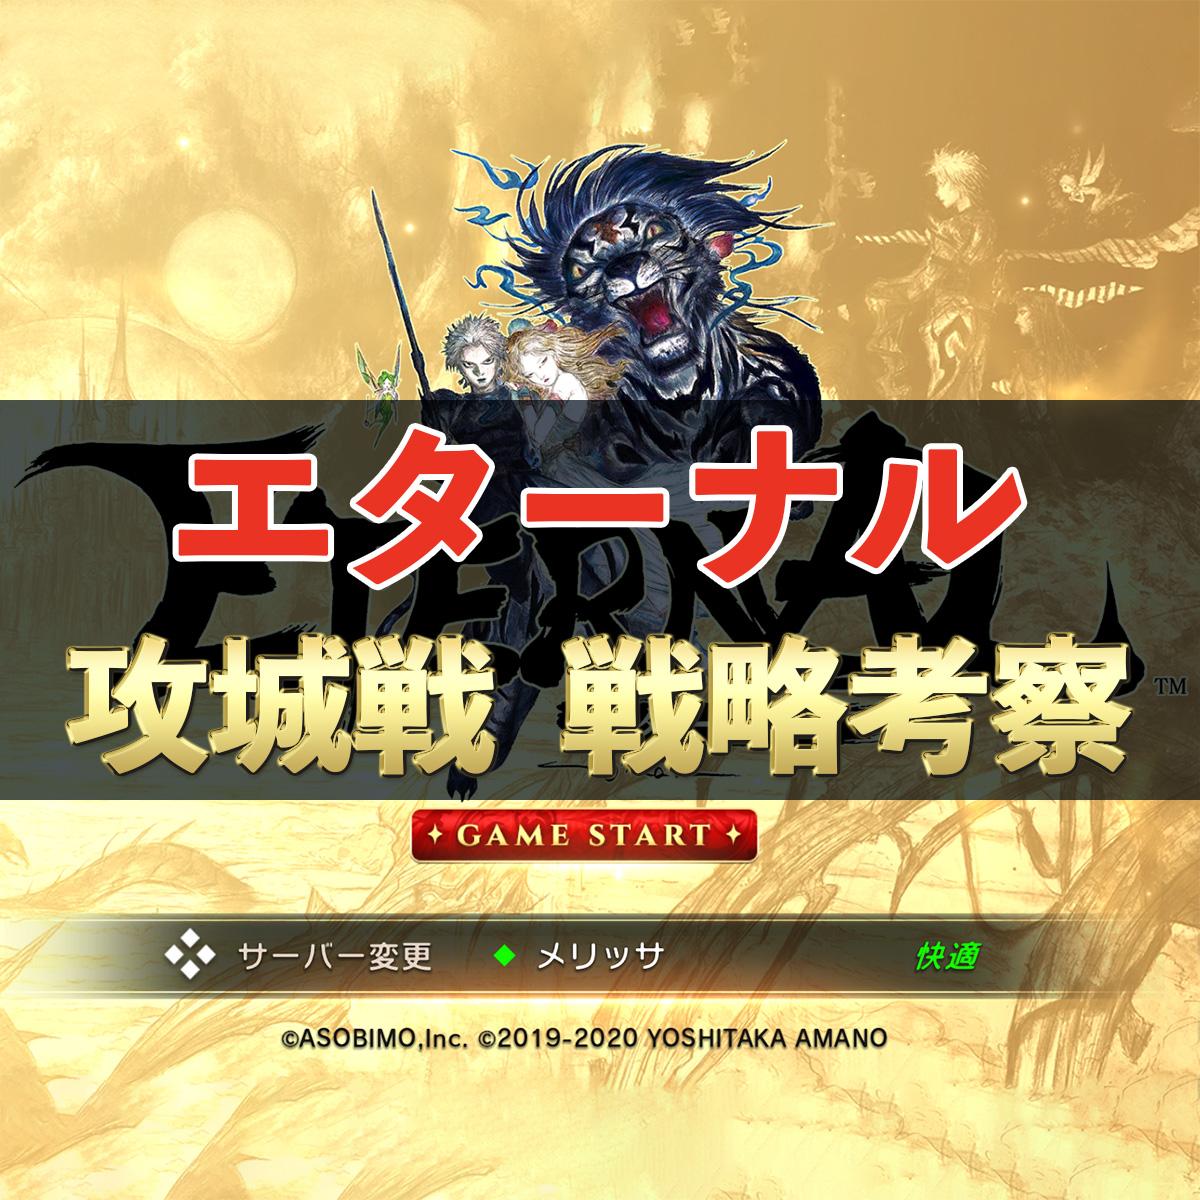 【エターナル】攻城戦 これまでの分析と、第4回の戦略考察